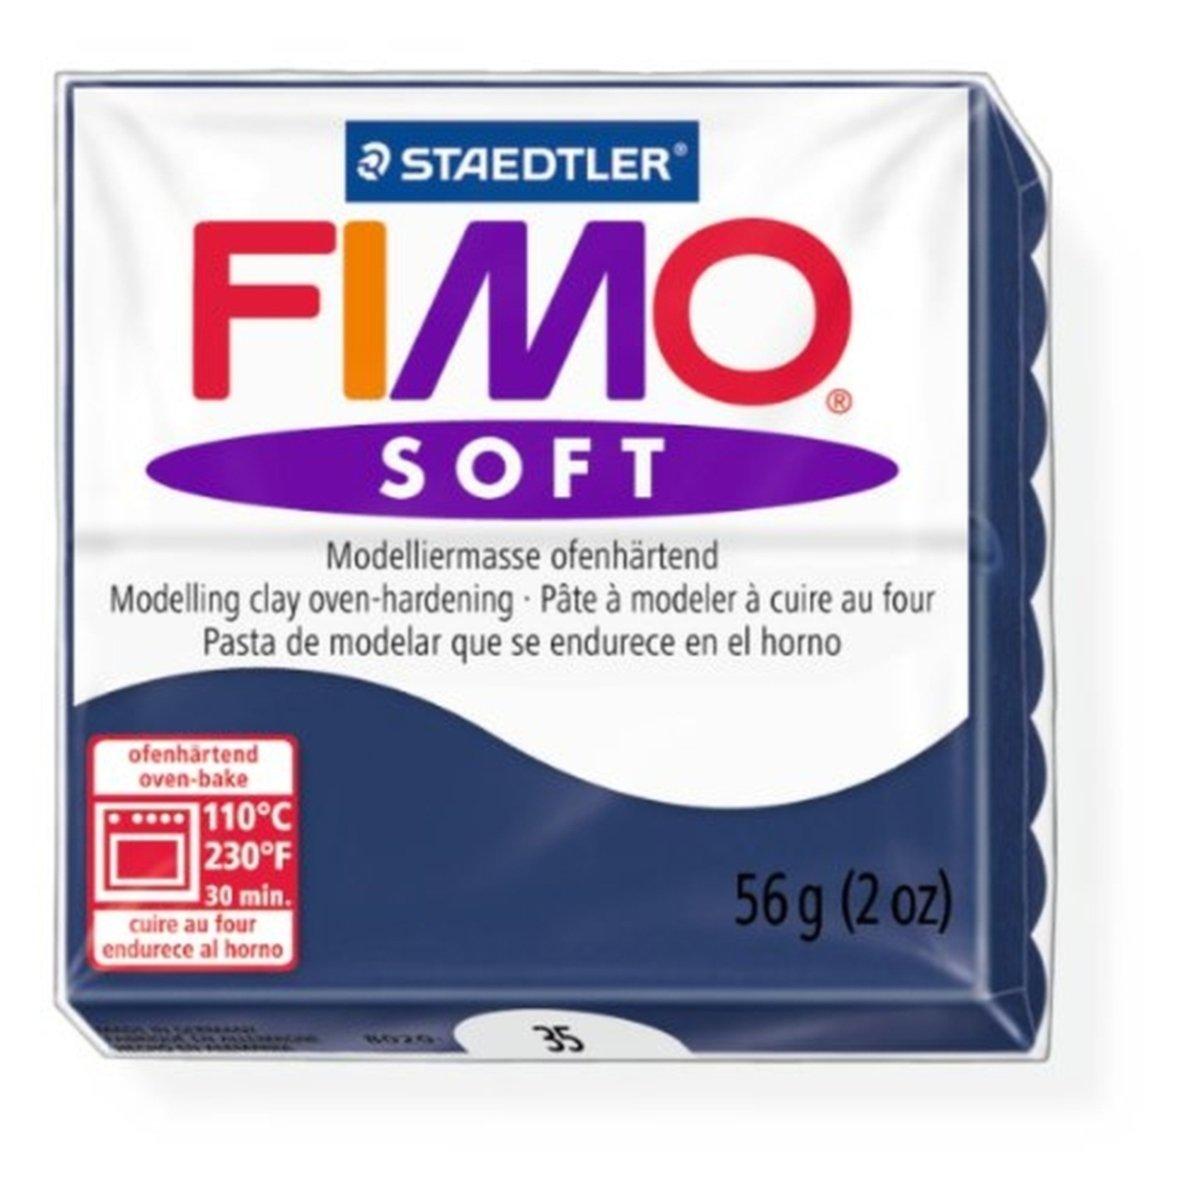 Staedtler Fimo Soft Windsor Blue (35) Oven Bake Modelling Clay Moulding Polymer Block Colour 56g (1 Pack)